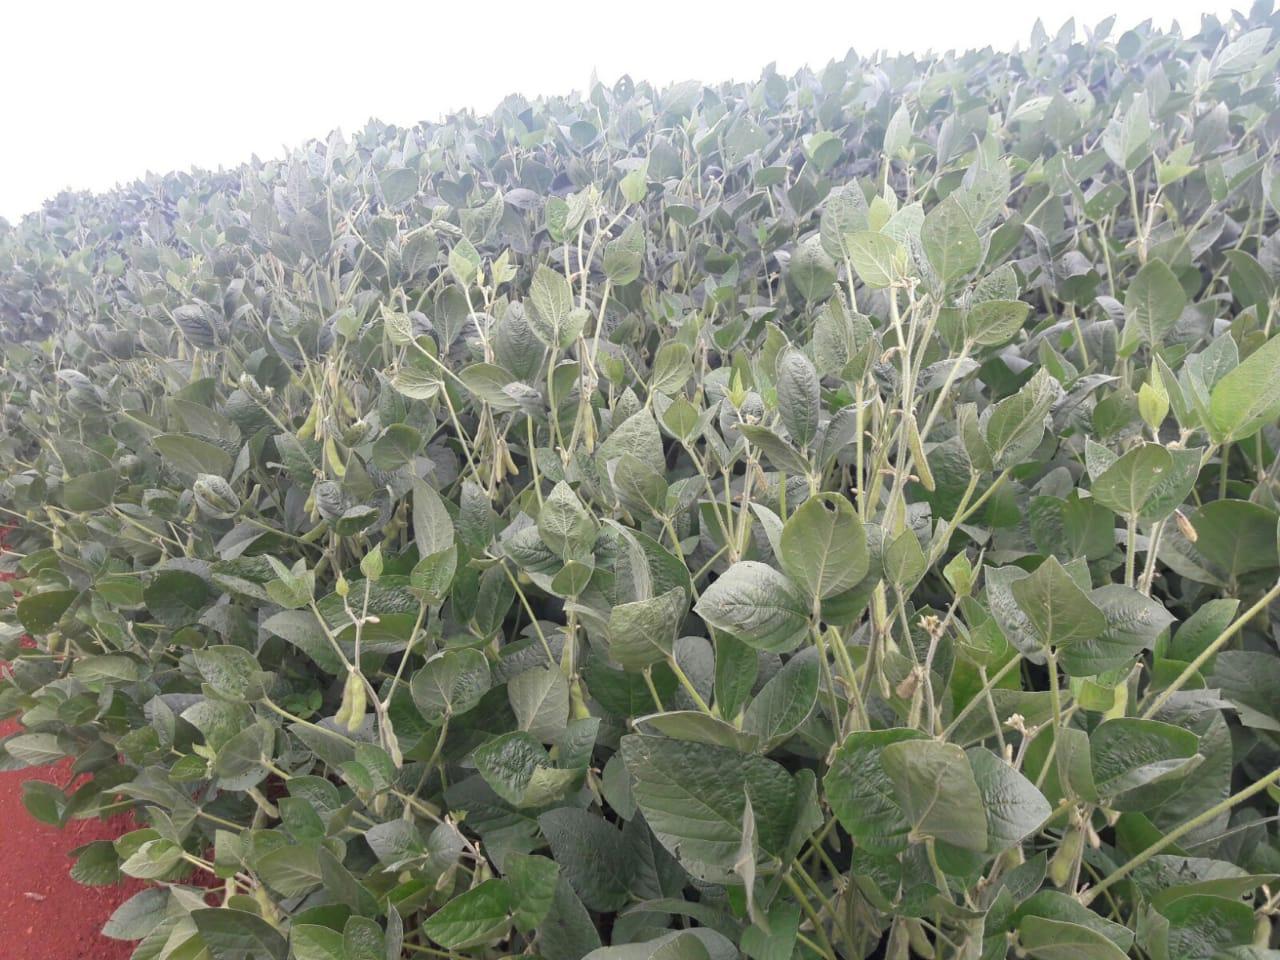 Lavoura de soja na Fazenda Jaboticabal em Cel Vivida (PR). Envio de Helio de Carli